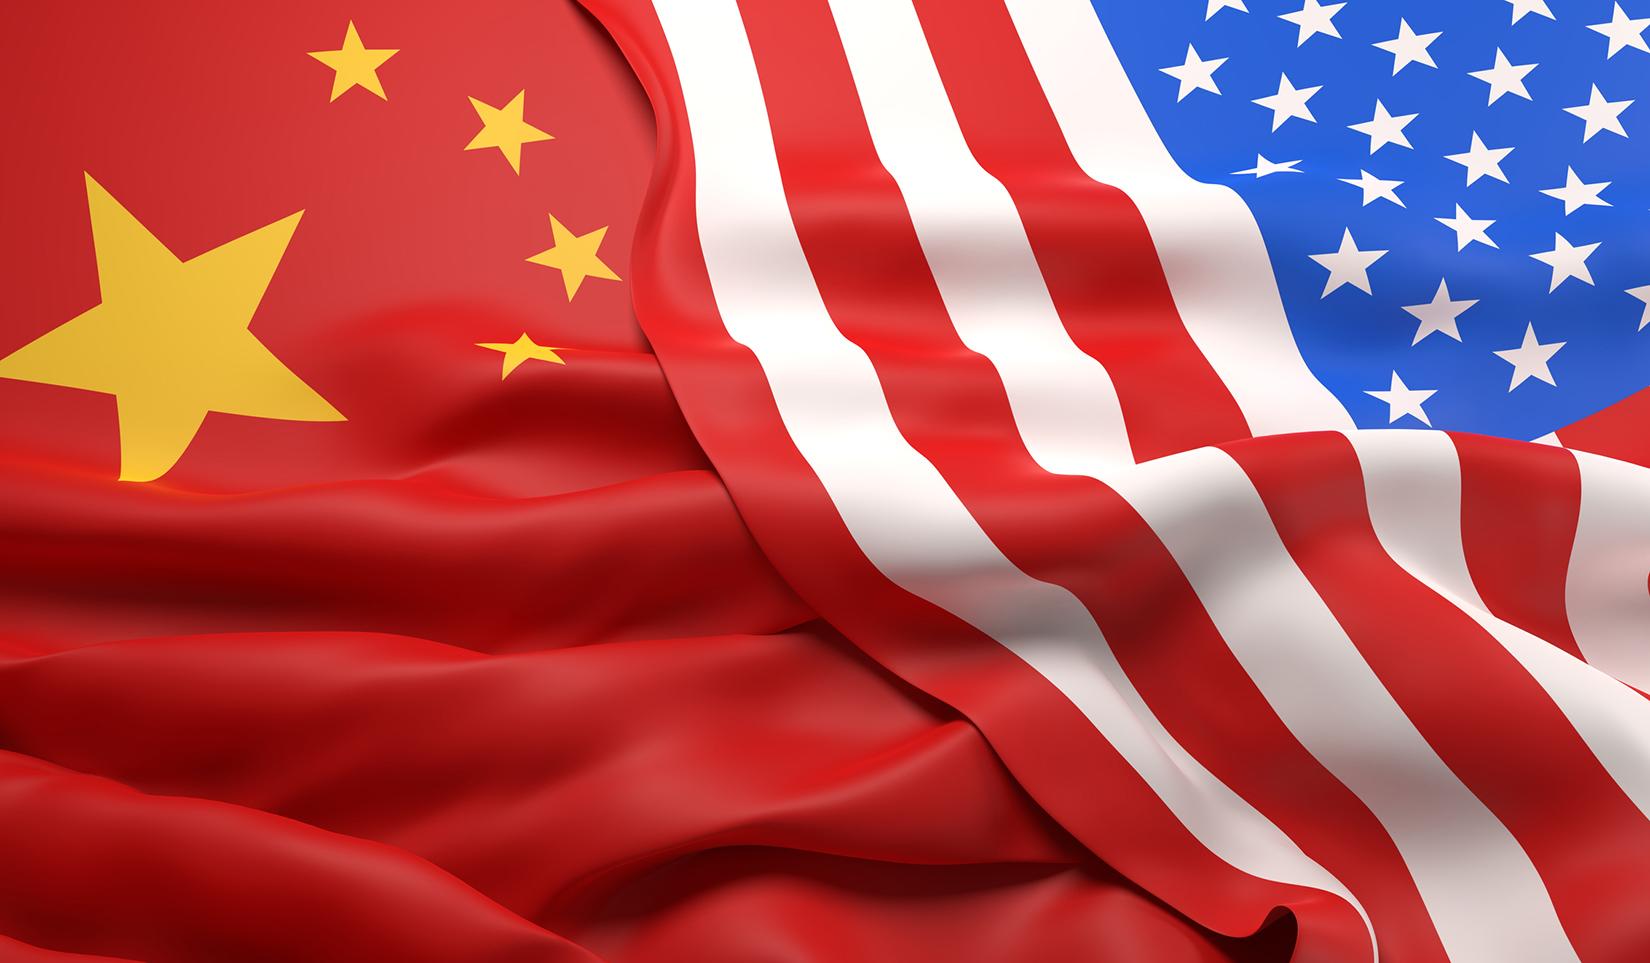 中国 アメリカ コロナ 戦争